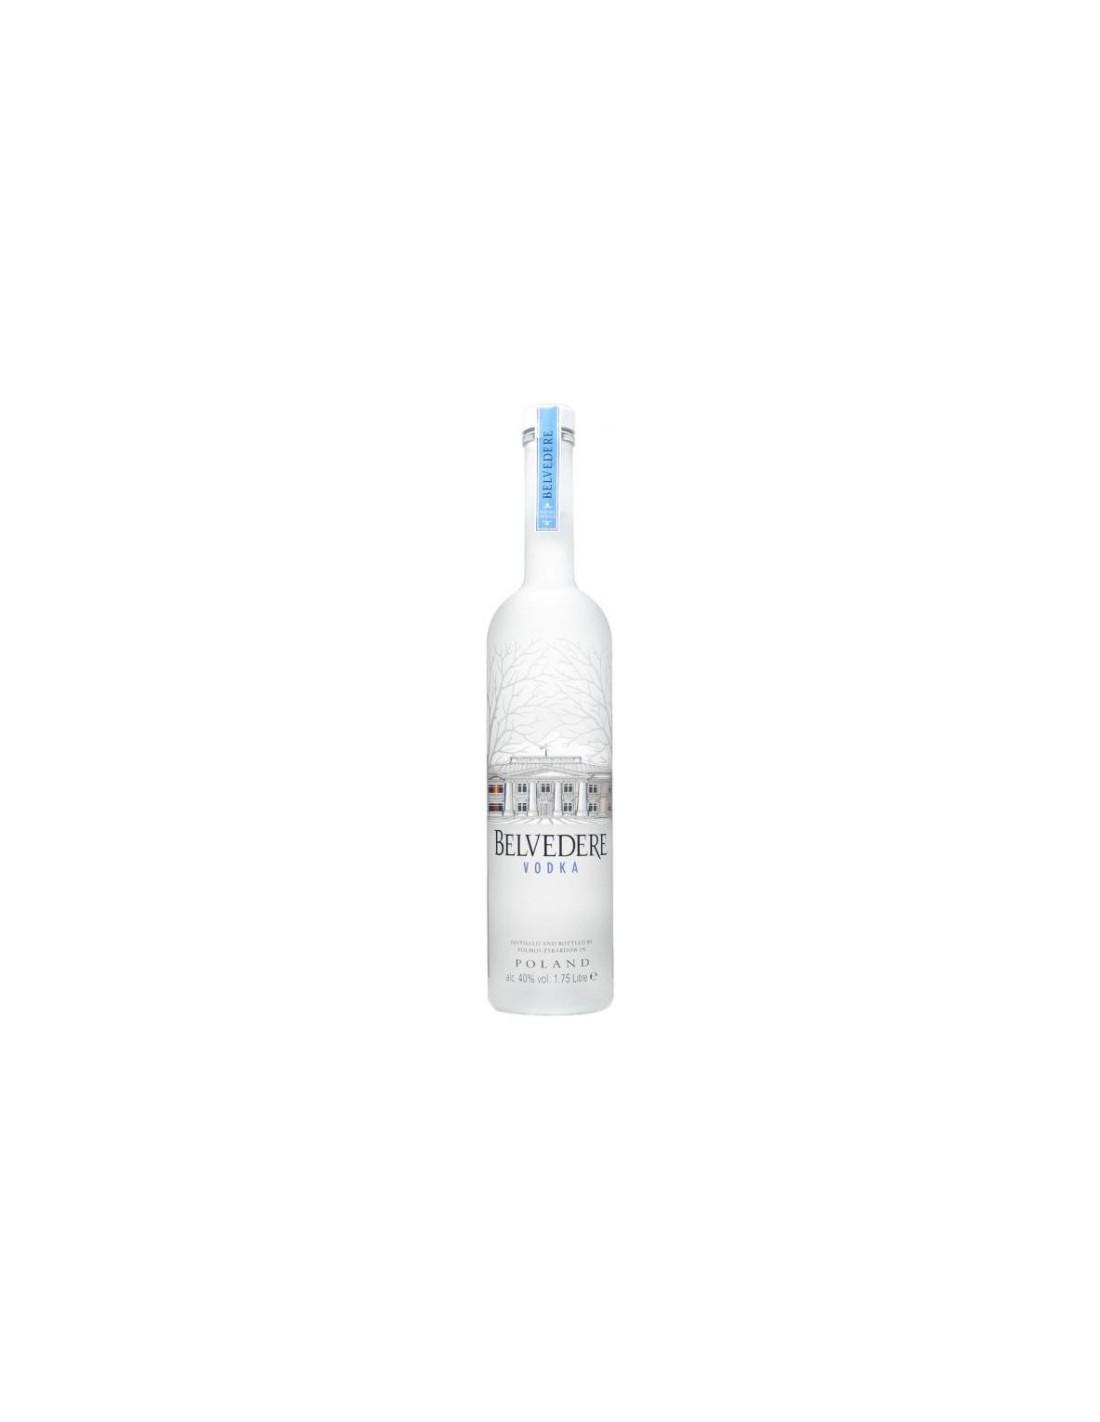 Vodca Belvedere 1.75L, 40% alc., Polonia